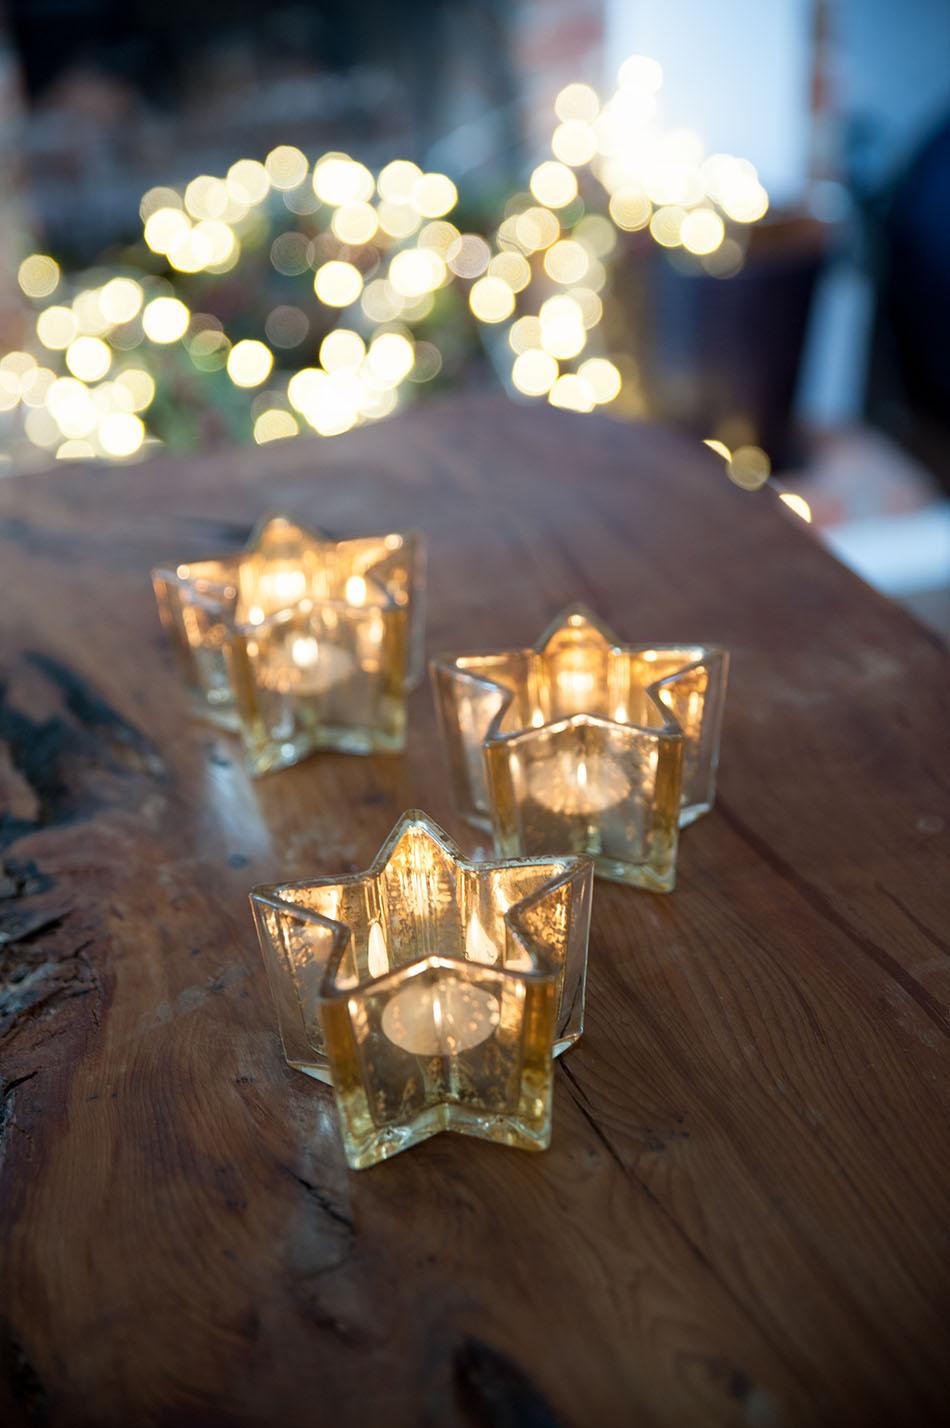 originales luces de Navidad - luces de Navidad TCH estrellas